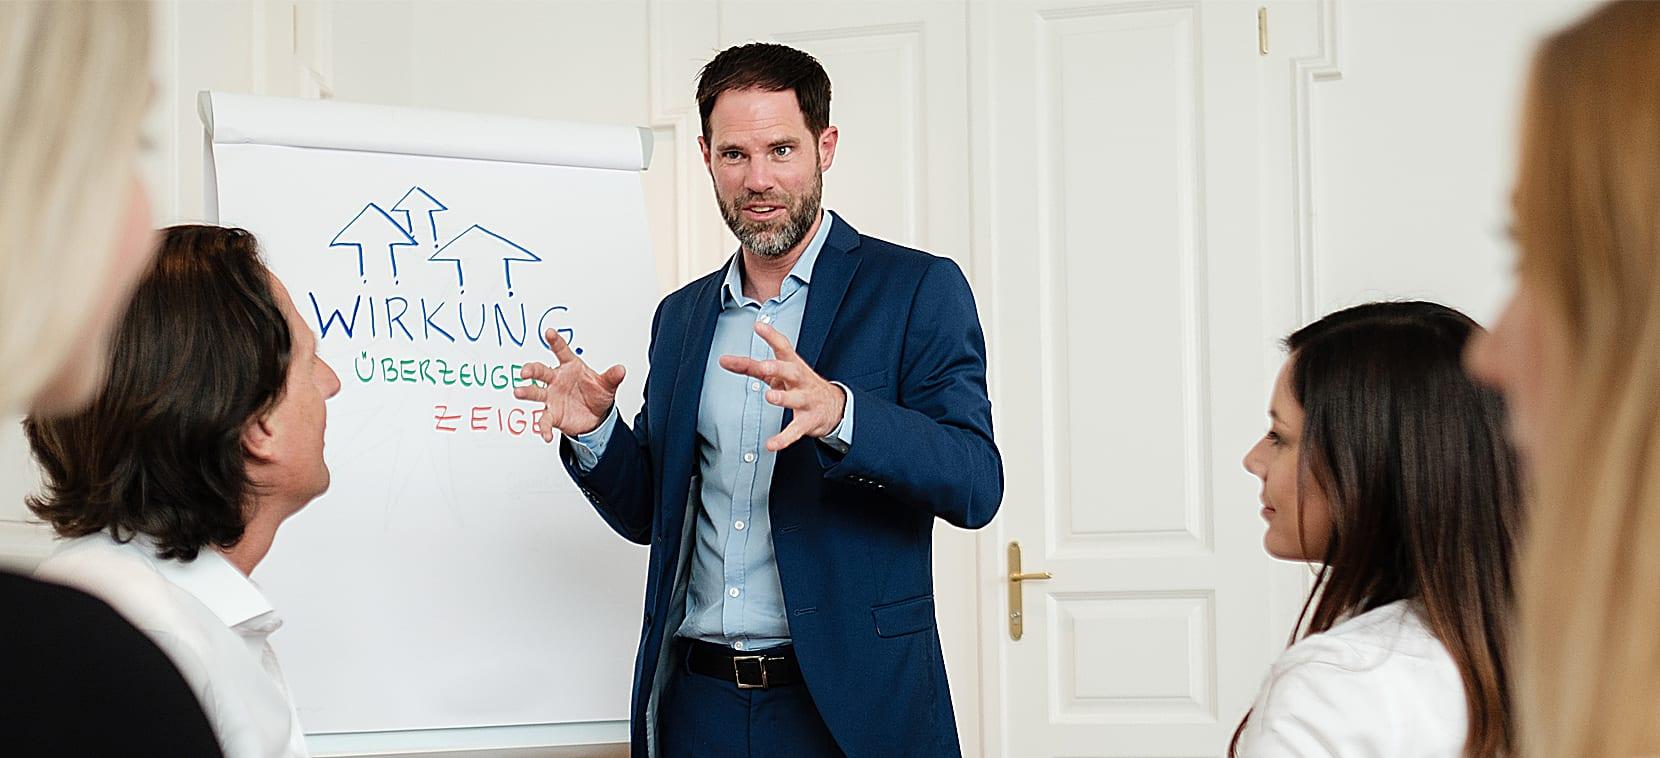 Seminare von Andreas Powisch: Wirkung zeigen und Menschen überzeugen